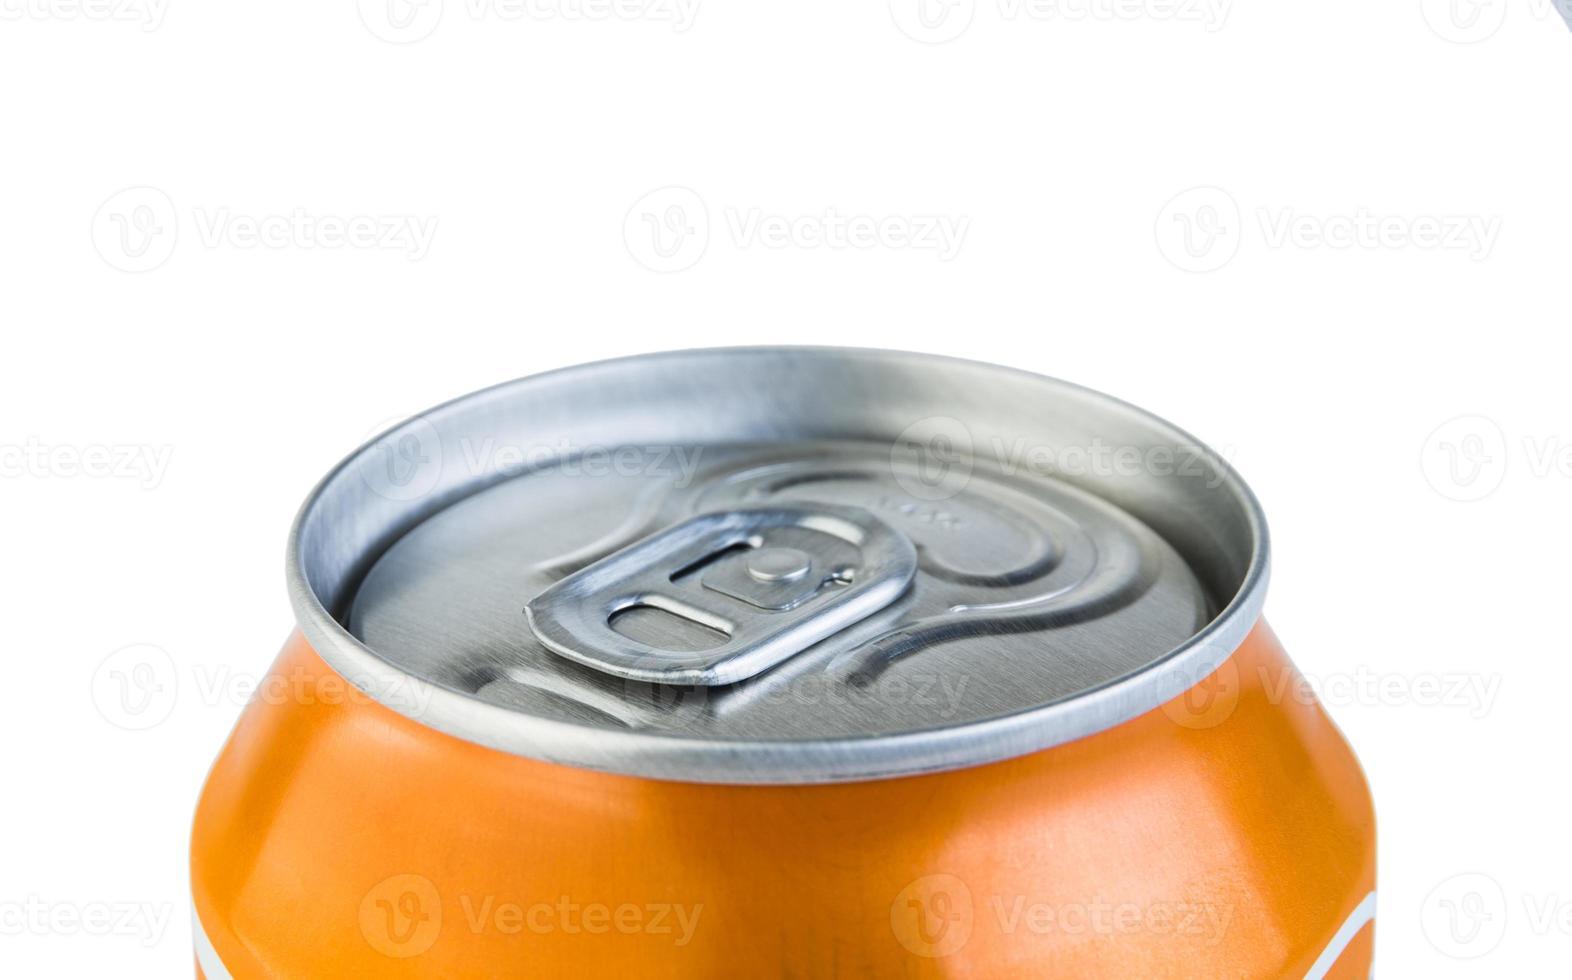 aluminium potje met drankje foto